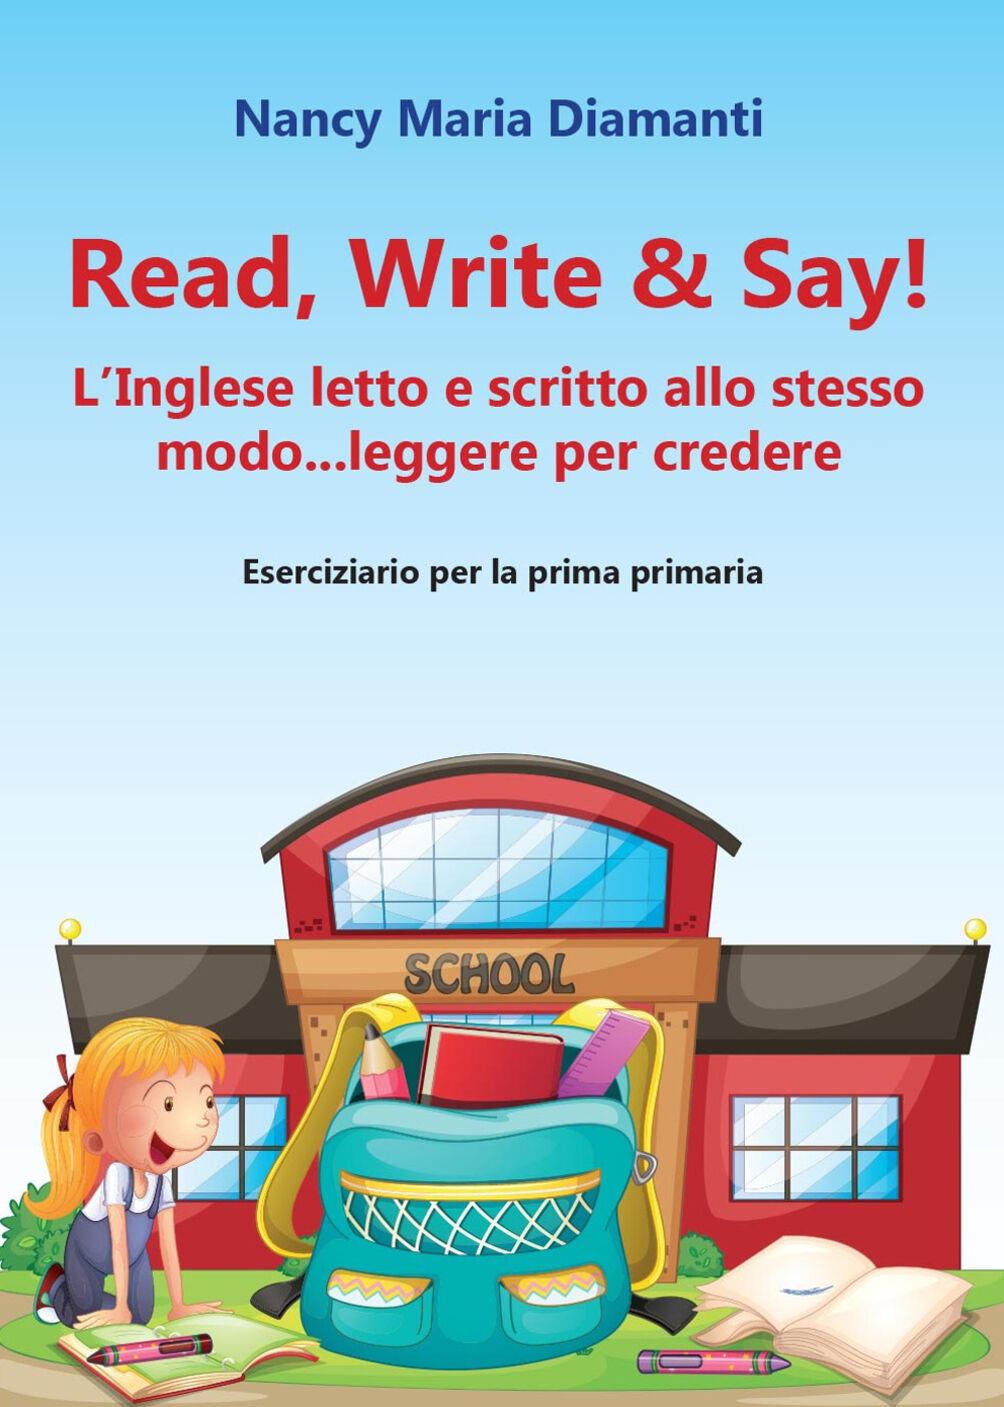 Read, write & say! (L'inglese letto e scritto allo stesso modo... leggere per credere). Eserciziario per la prima primaria